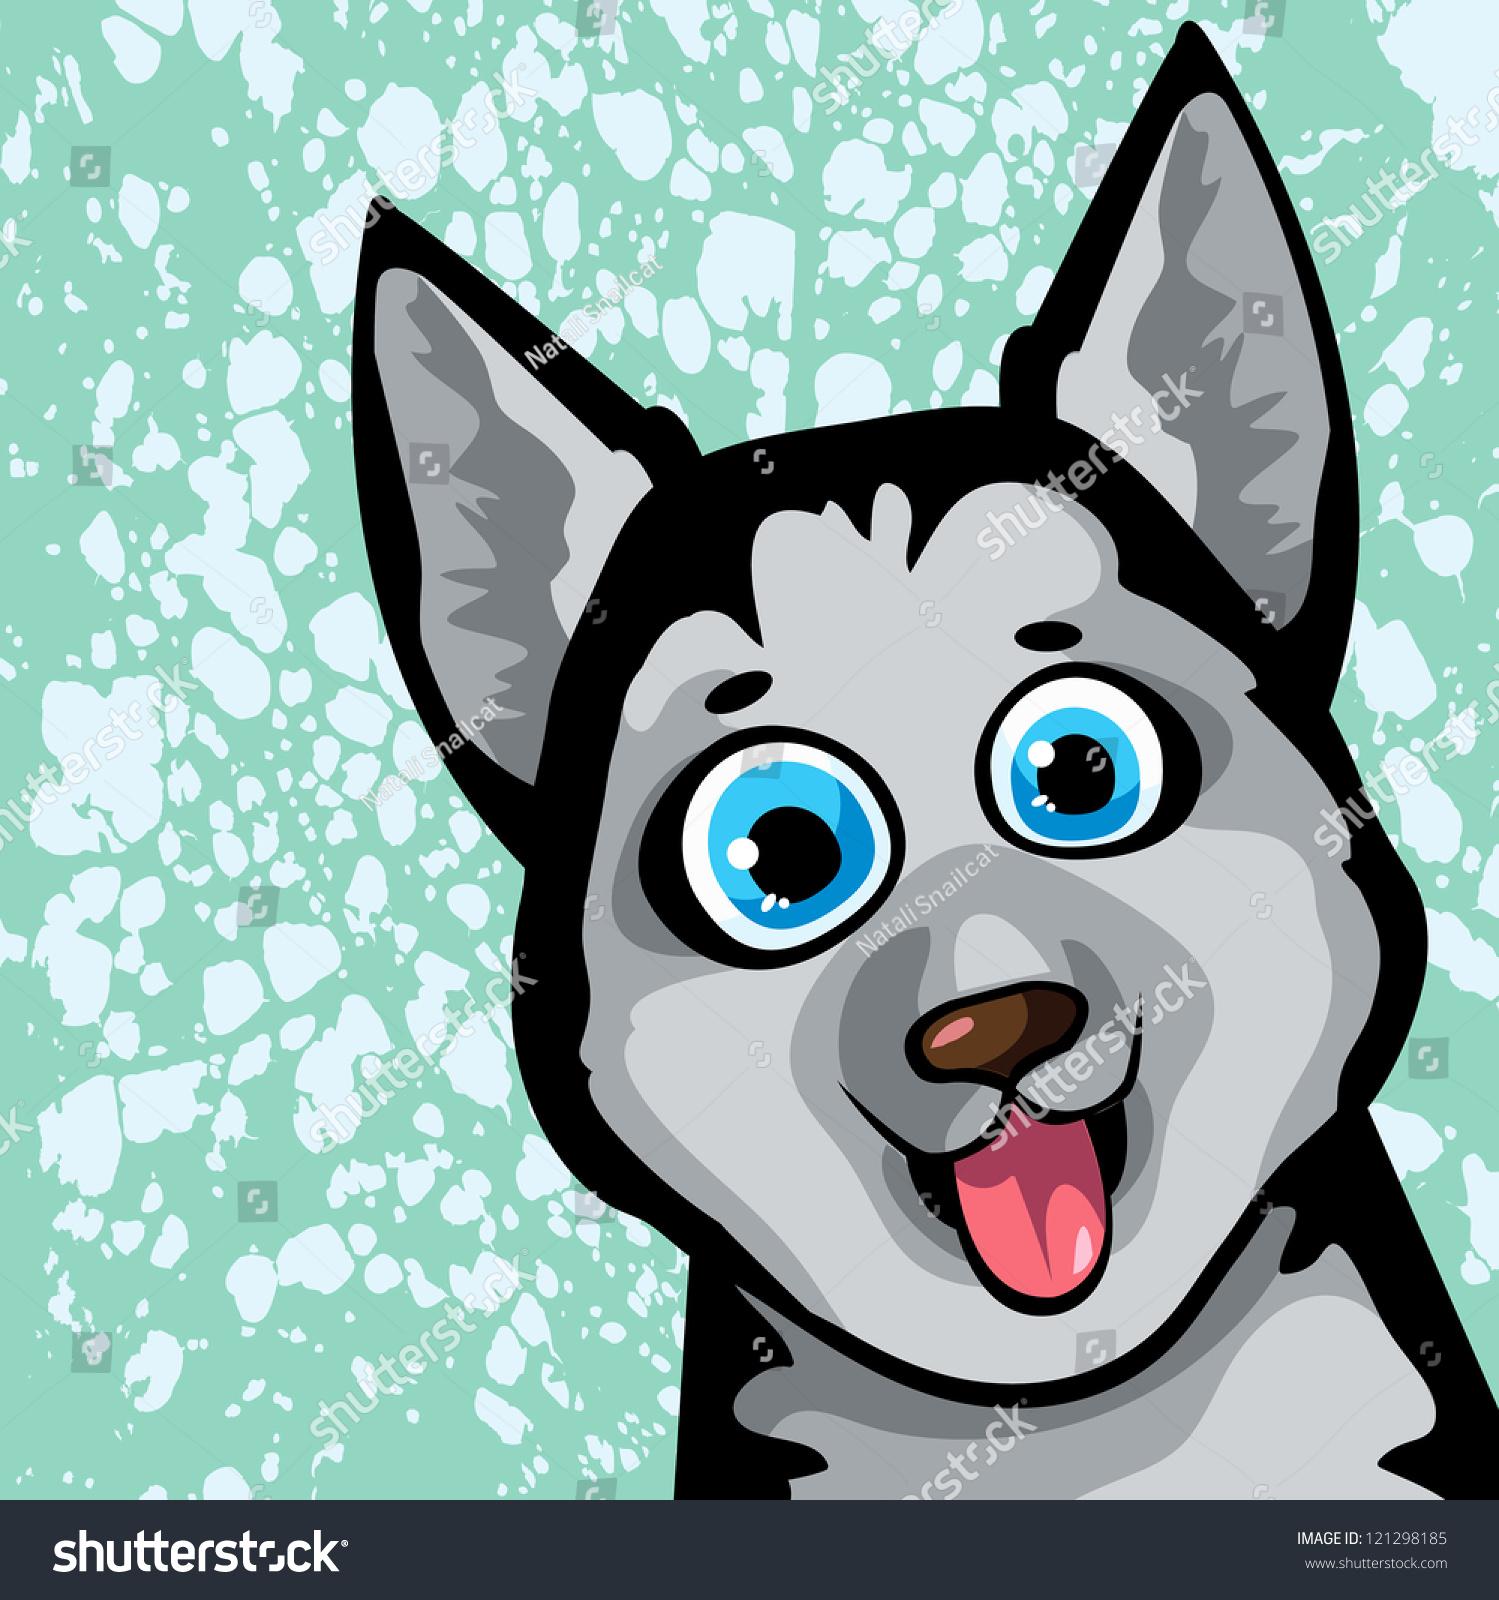 蓝眼睛的卡通有趣的狗(的)发现了背景-动物/野生生物